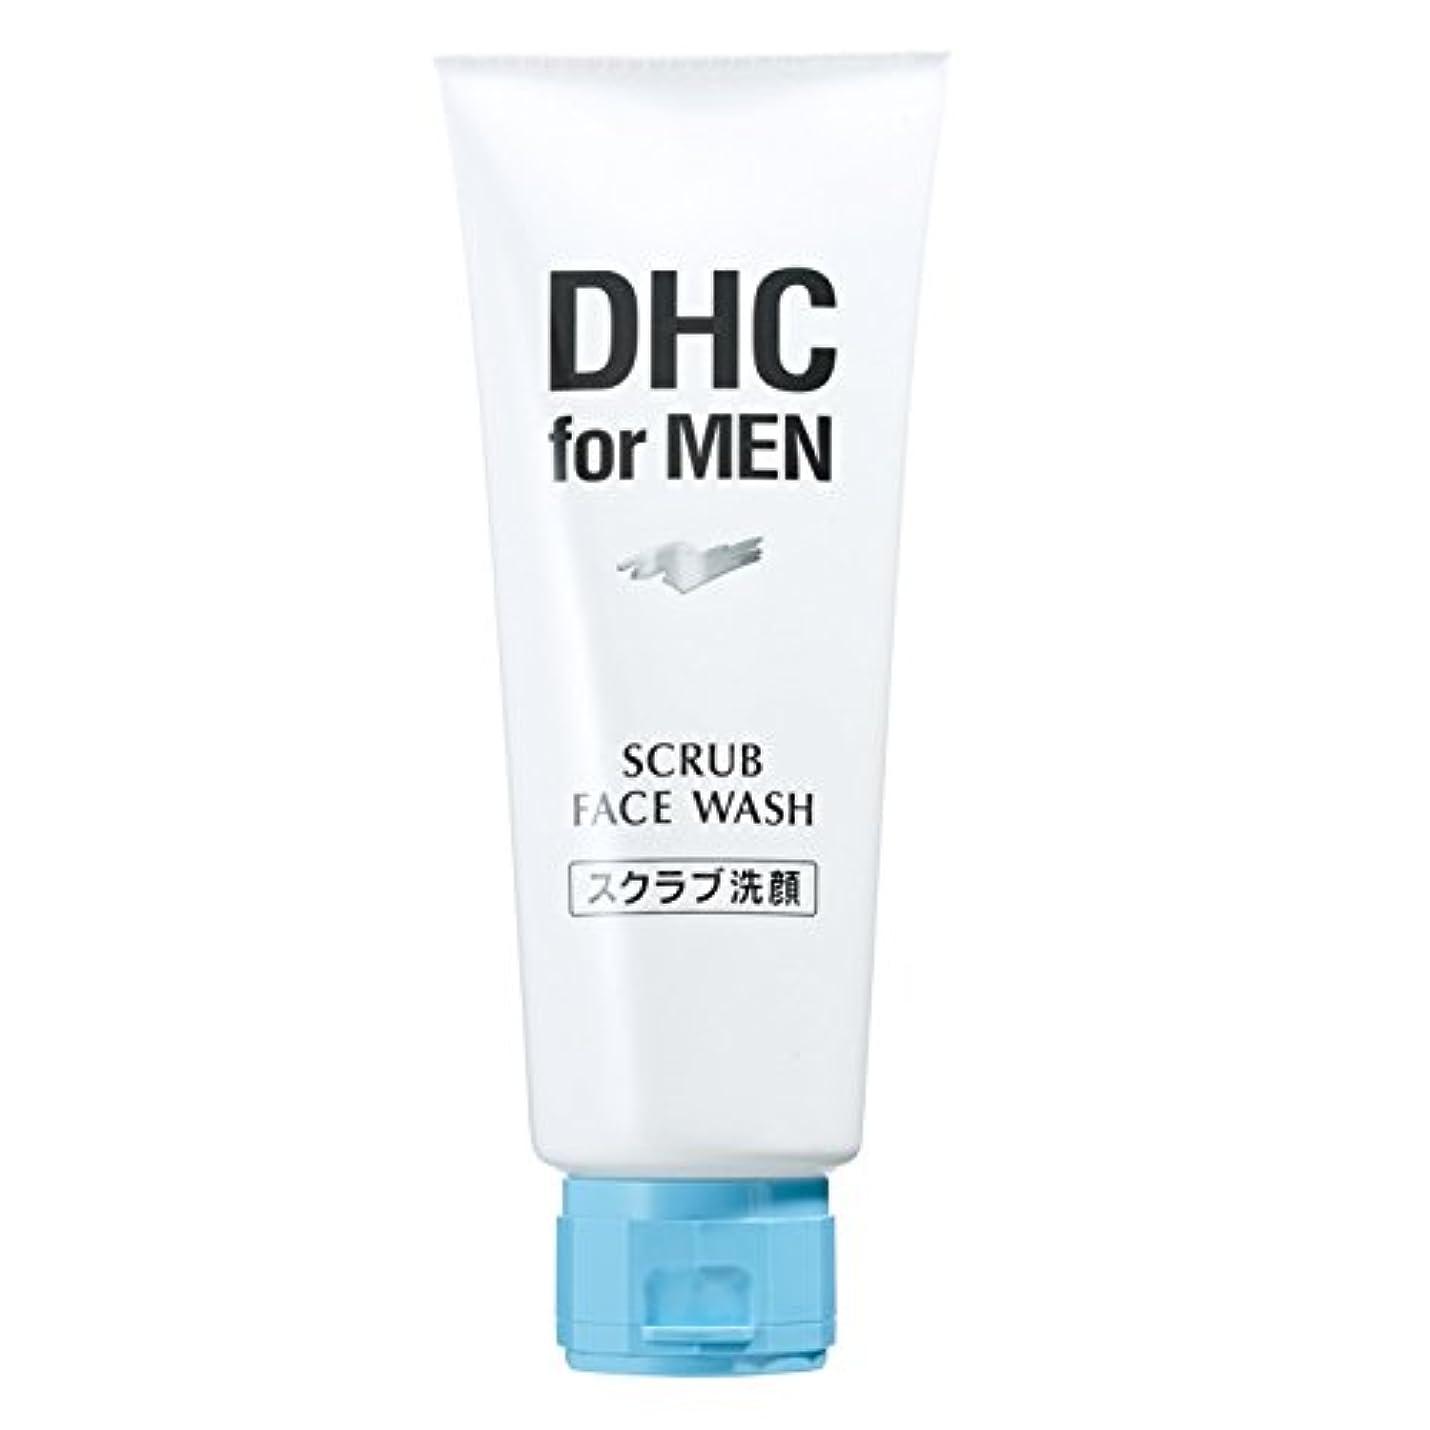 チェススタジアムモニターDHC スクラブ フェース ウォッシュ 【DHC for MEN】